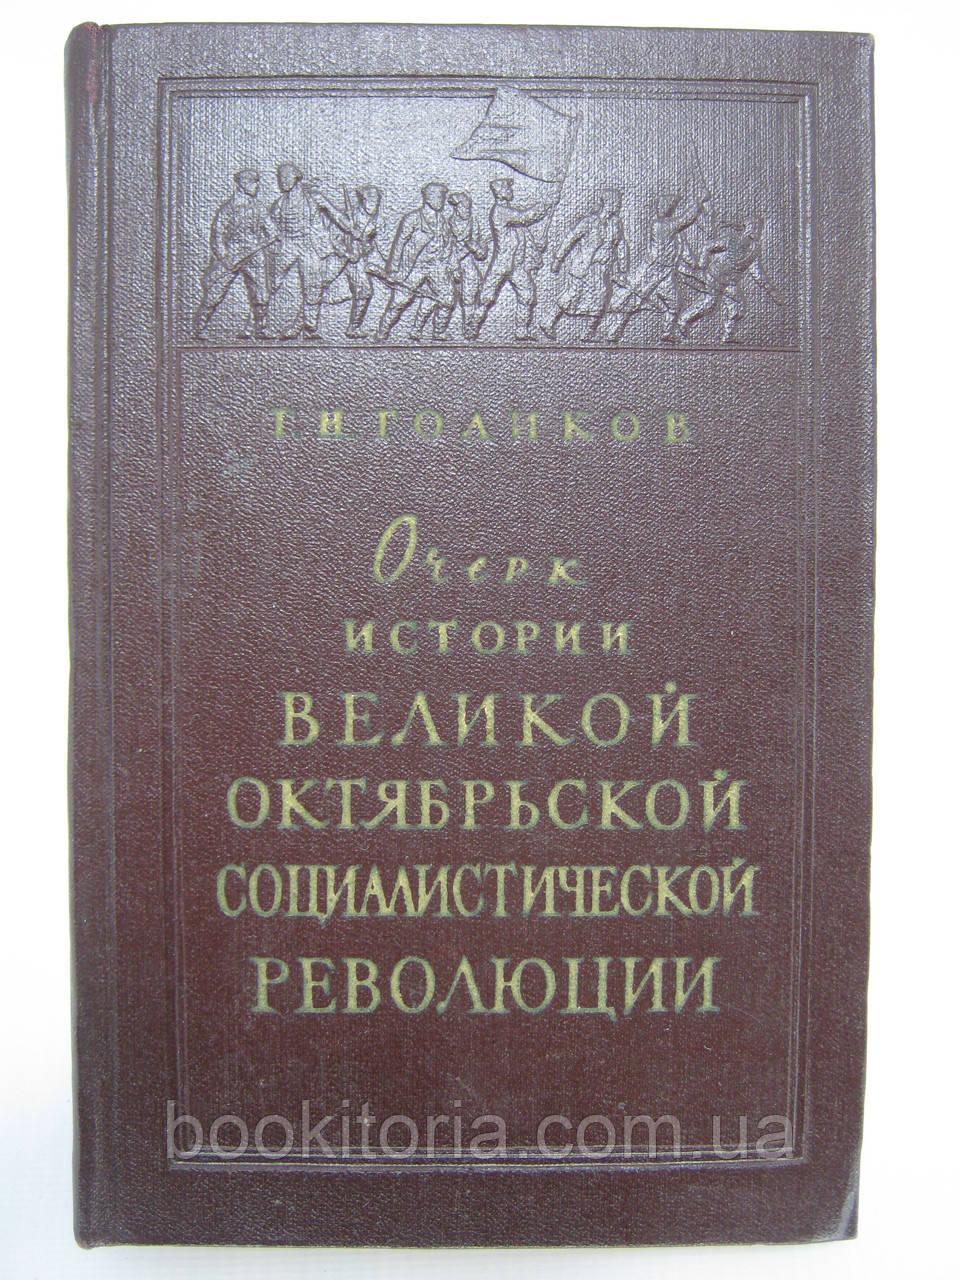 Голиков Г.Н. Очерк истории Великой Октябрьской Социалистической революции (б/у).